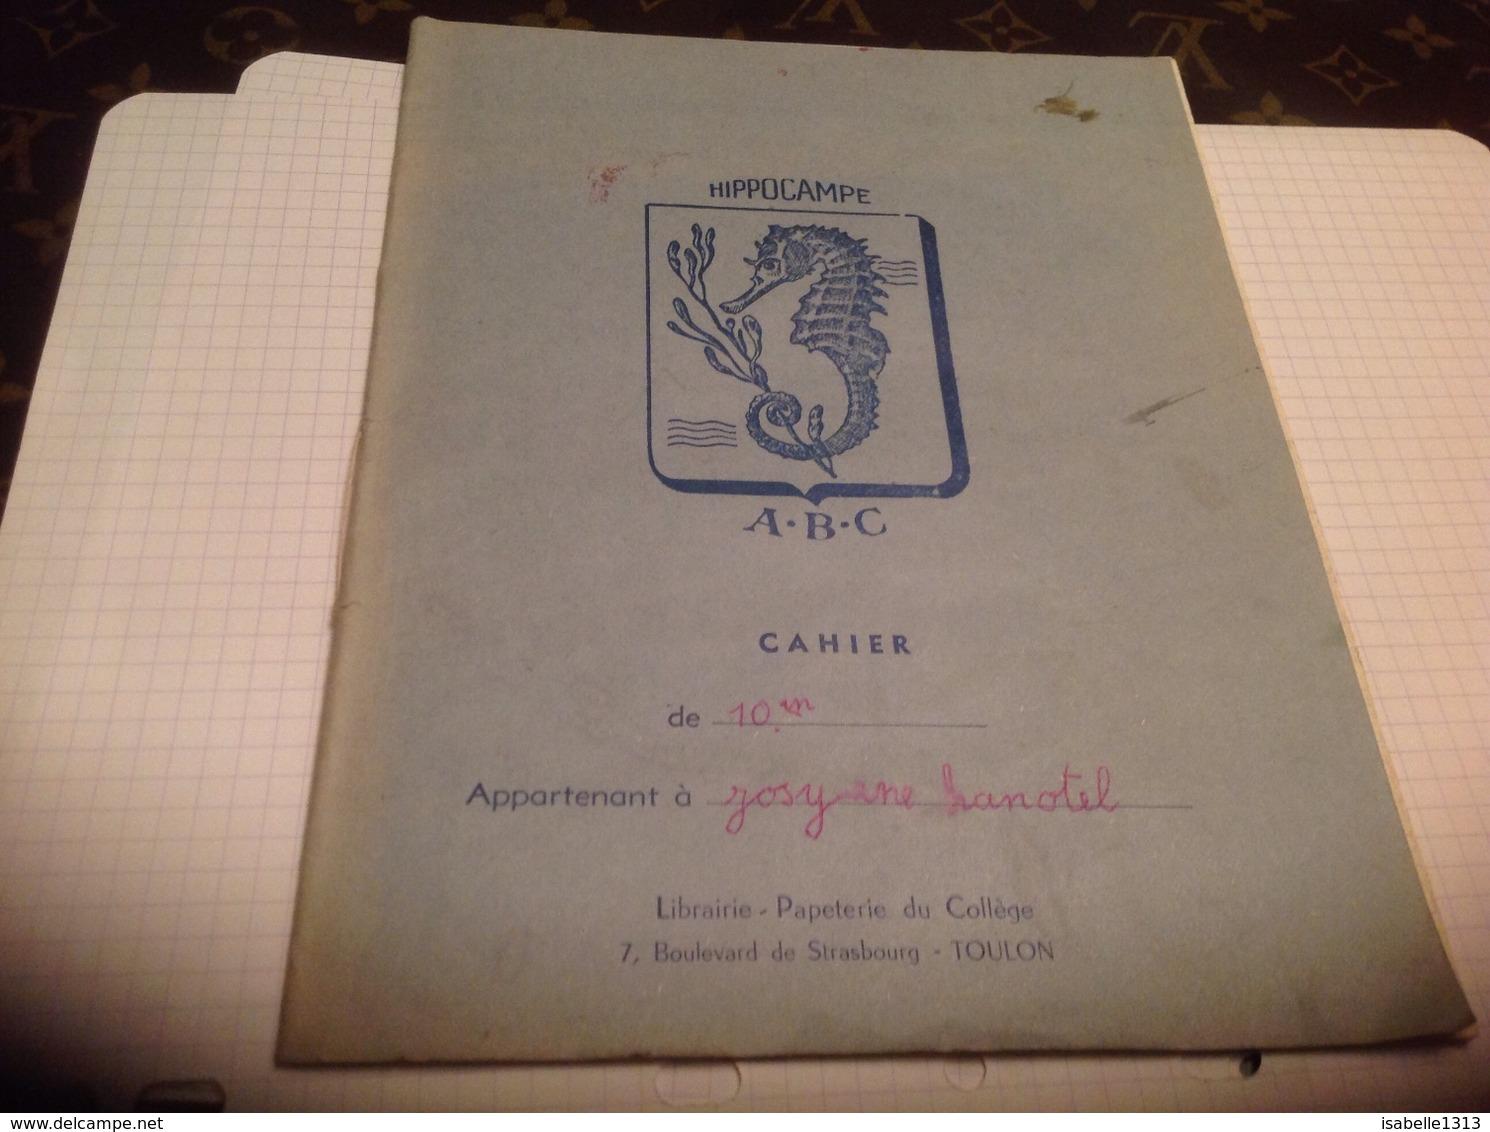 Hippocampe ABC Cahier Librairie Papeterie Du Collège Toulon - Animaux